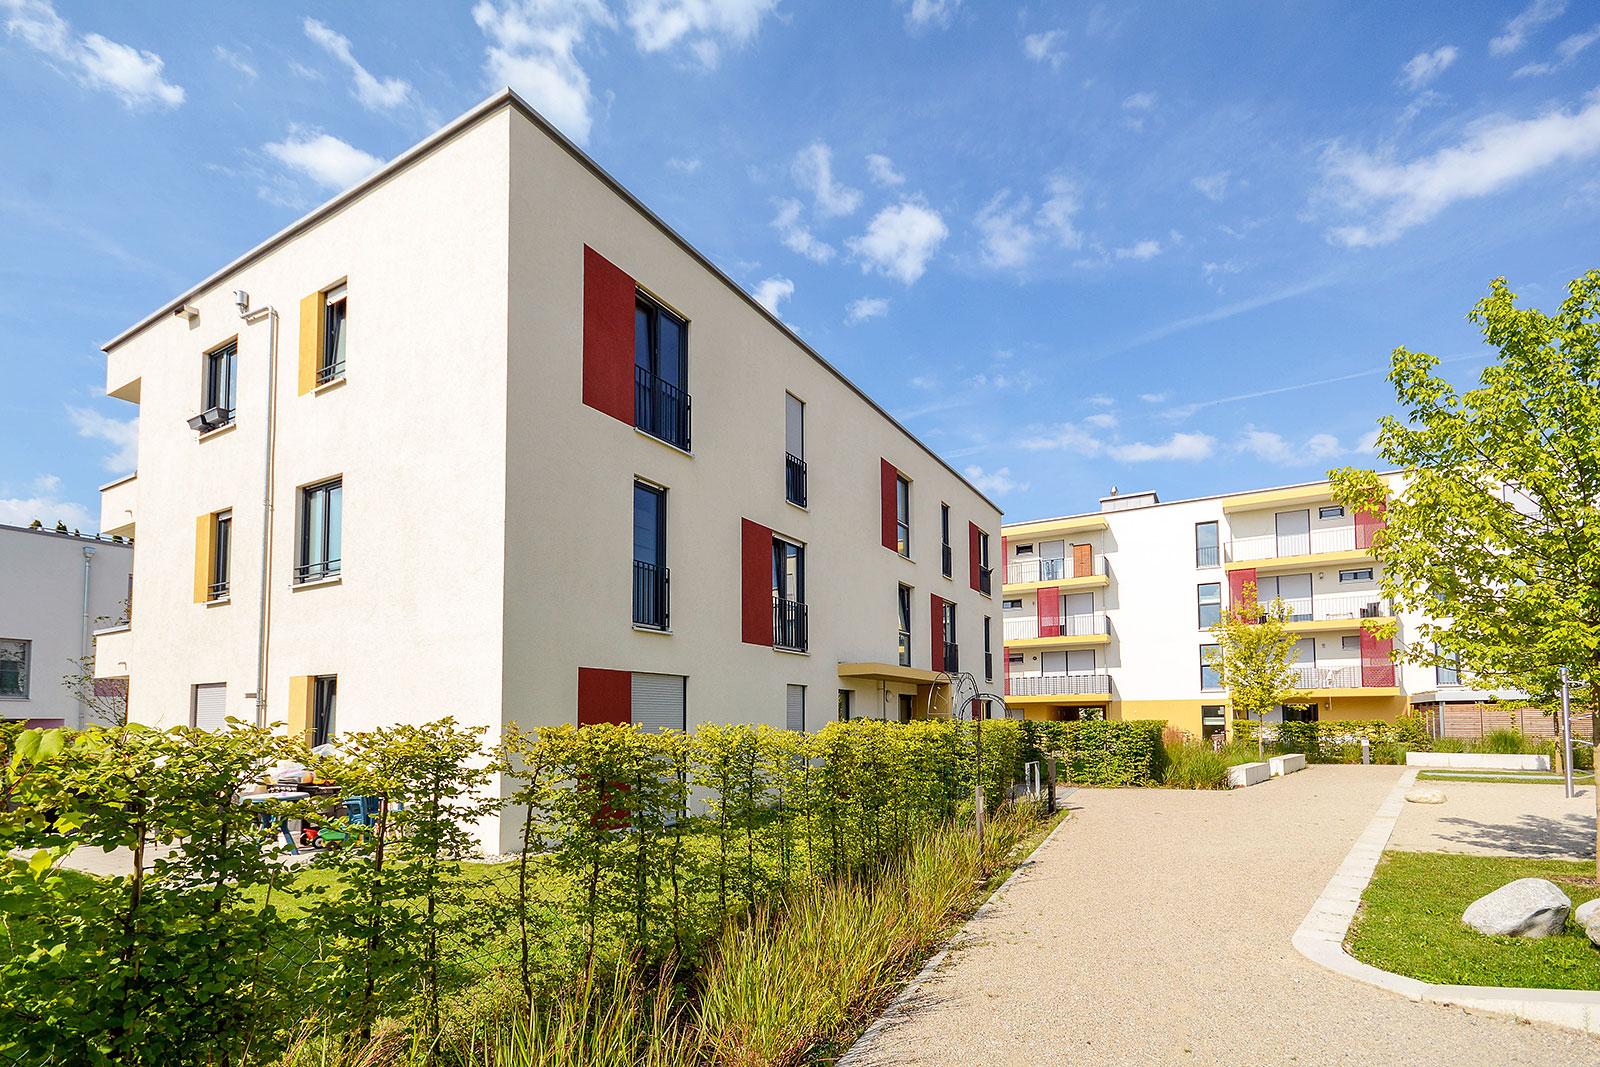 Glauner Hausverwaltung - Ihr Partner für Miet- und Eigentumsobjekte